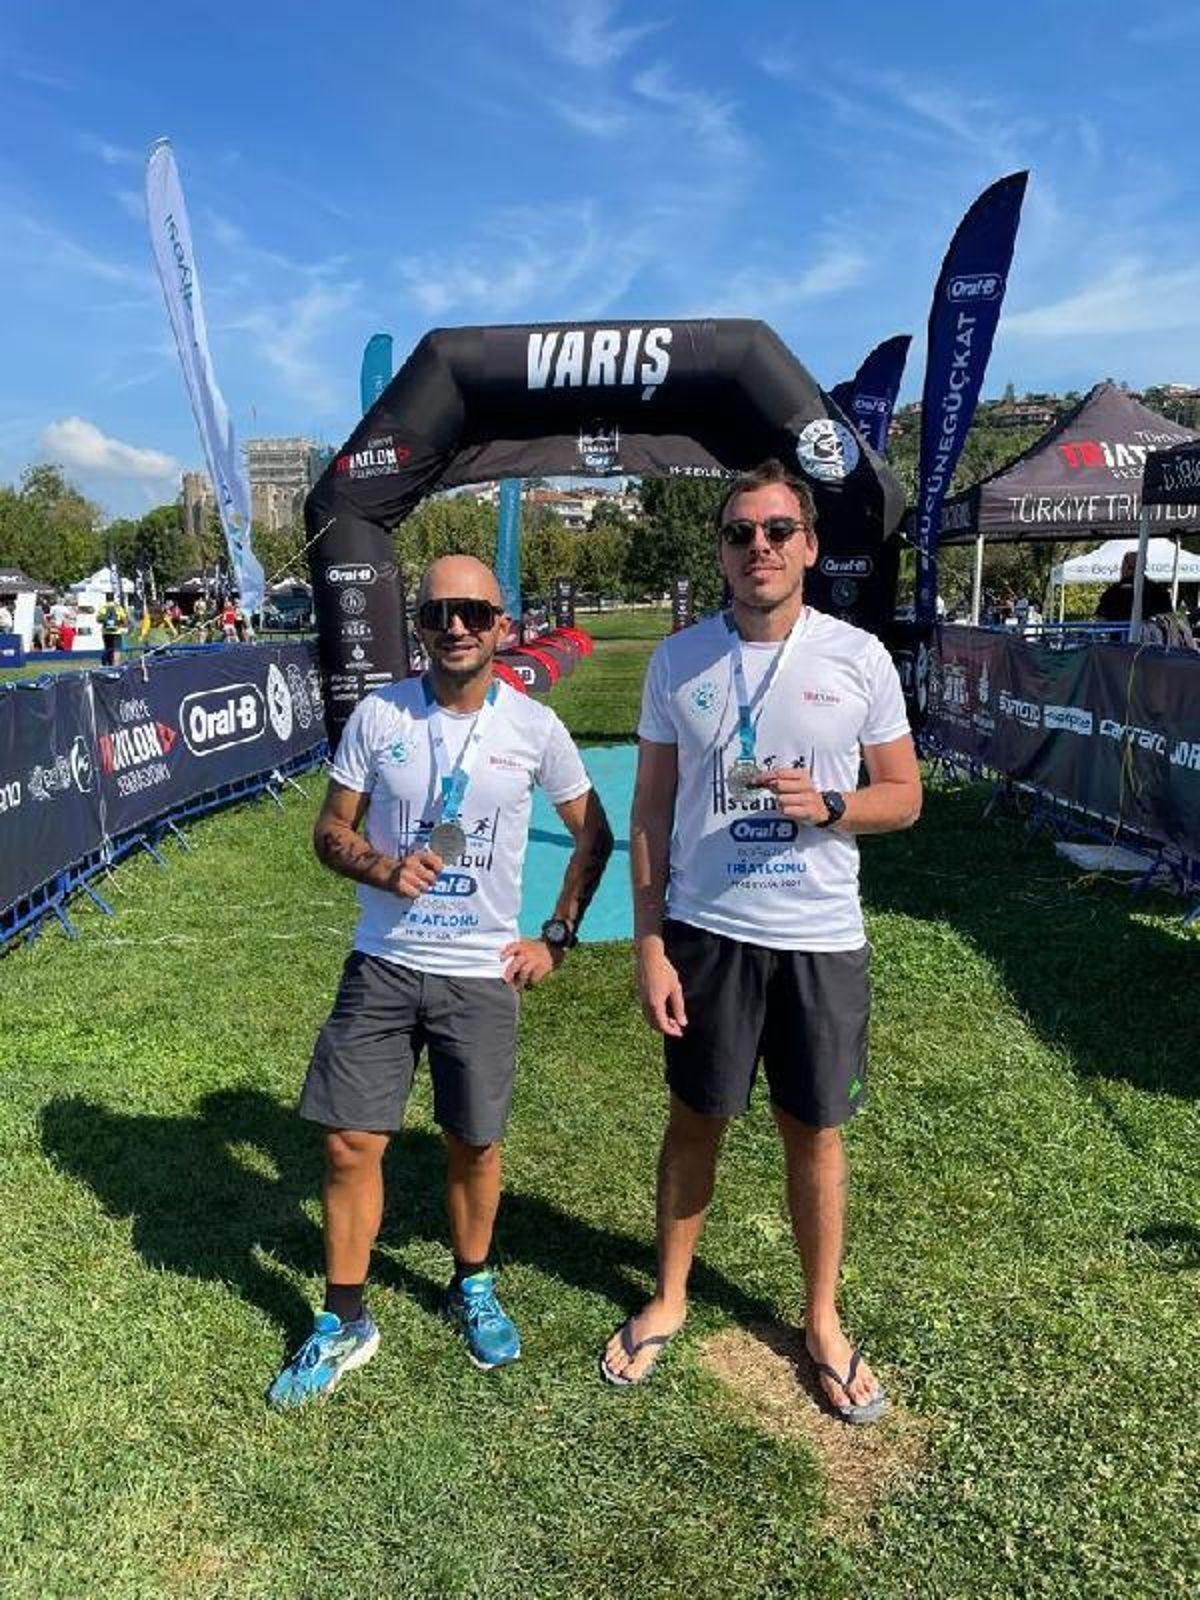 İki doktorun triatlondaki başarısı, hastalarına örnek oldu